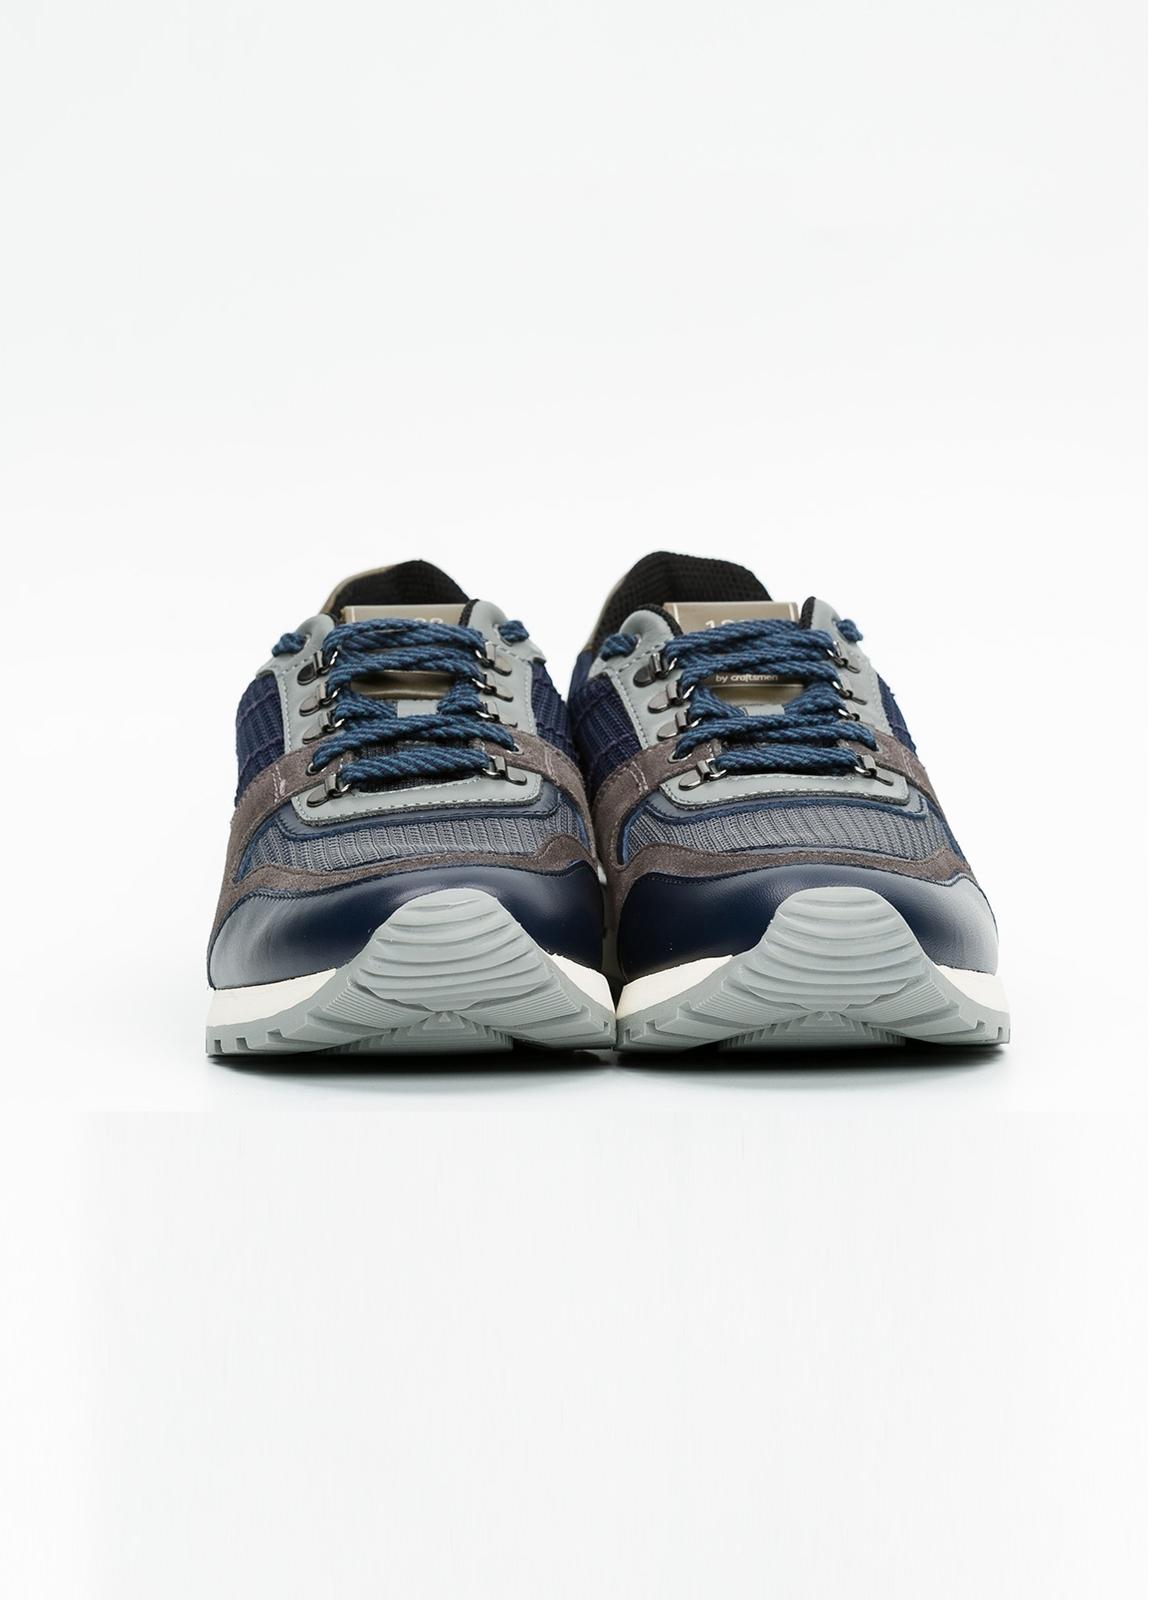 Zapato Sport Wear, color marrón, azul y negro. Combinación de piel, serraje y tejido técnico. - Ítem1